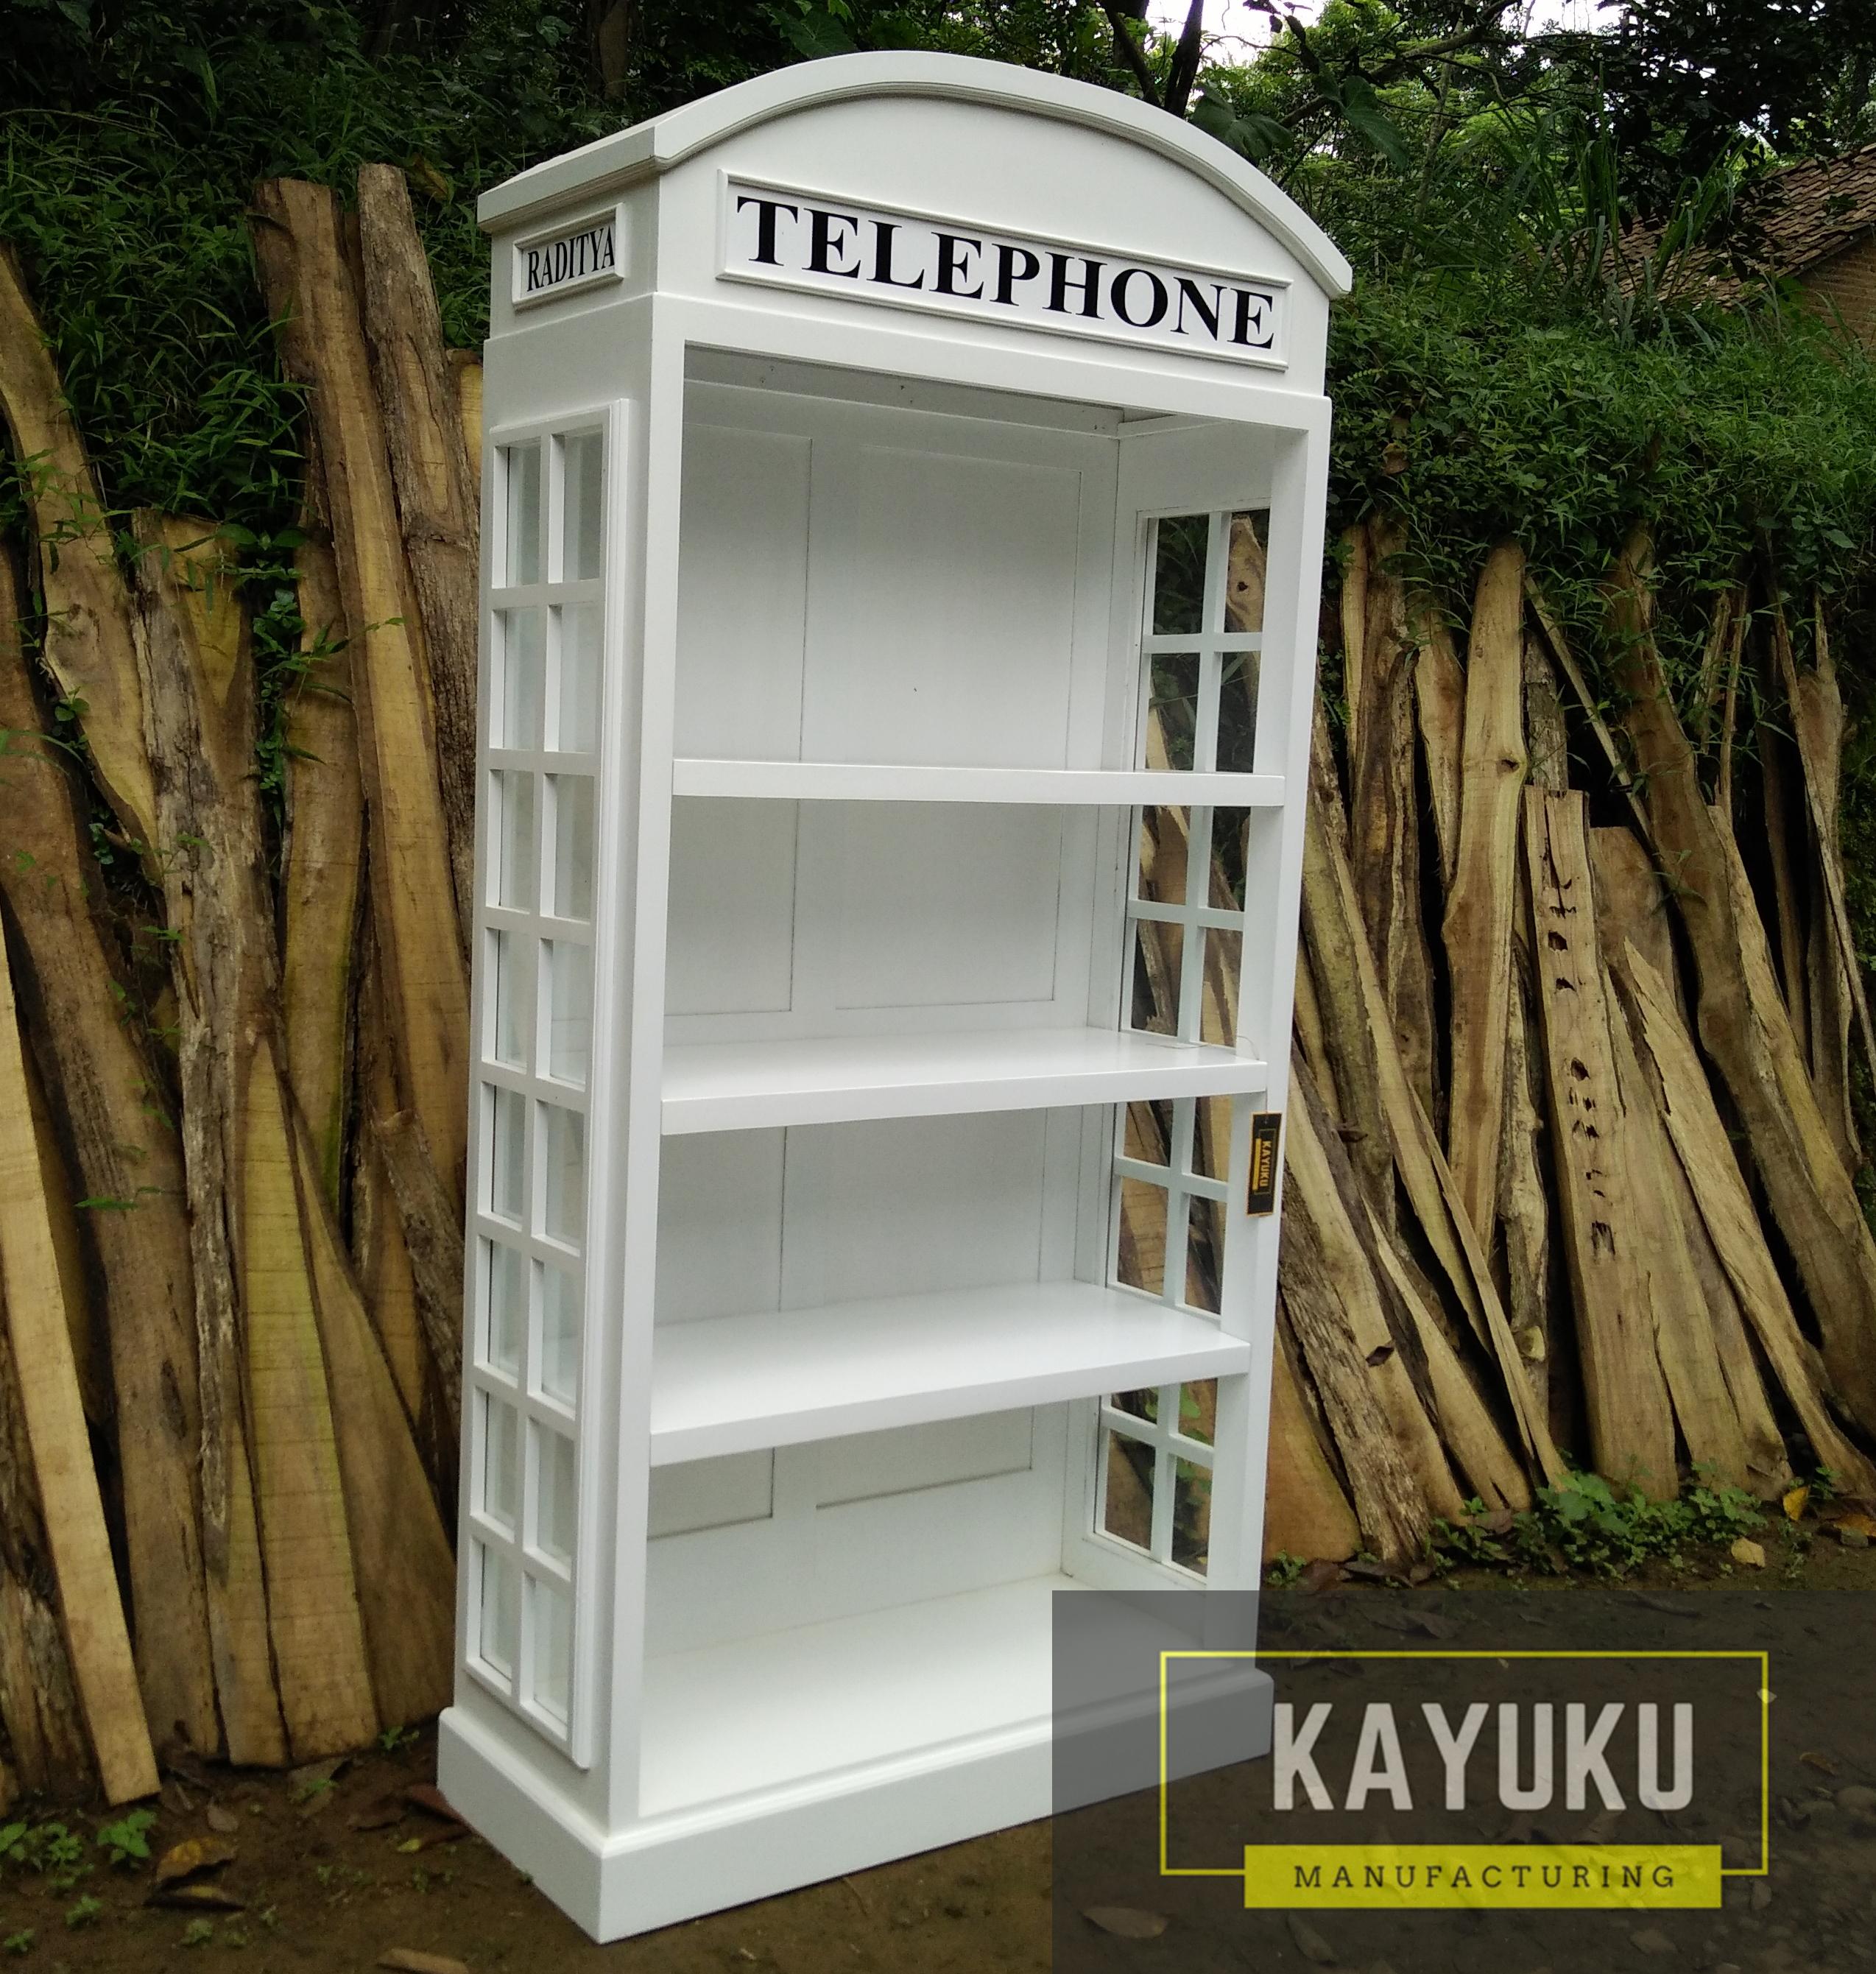 Lemari Buku Telehphone